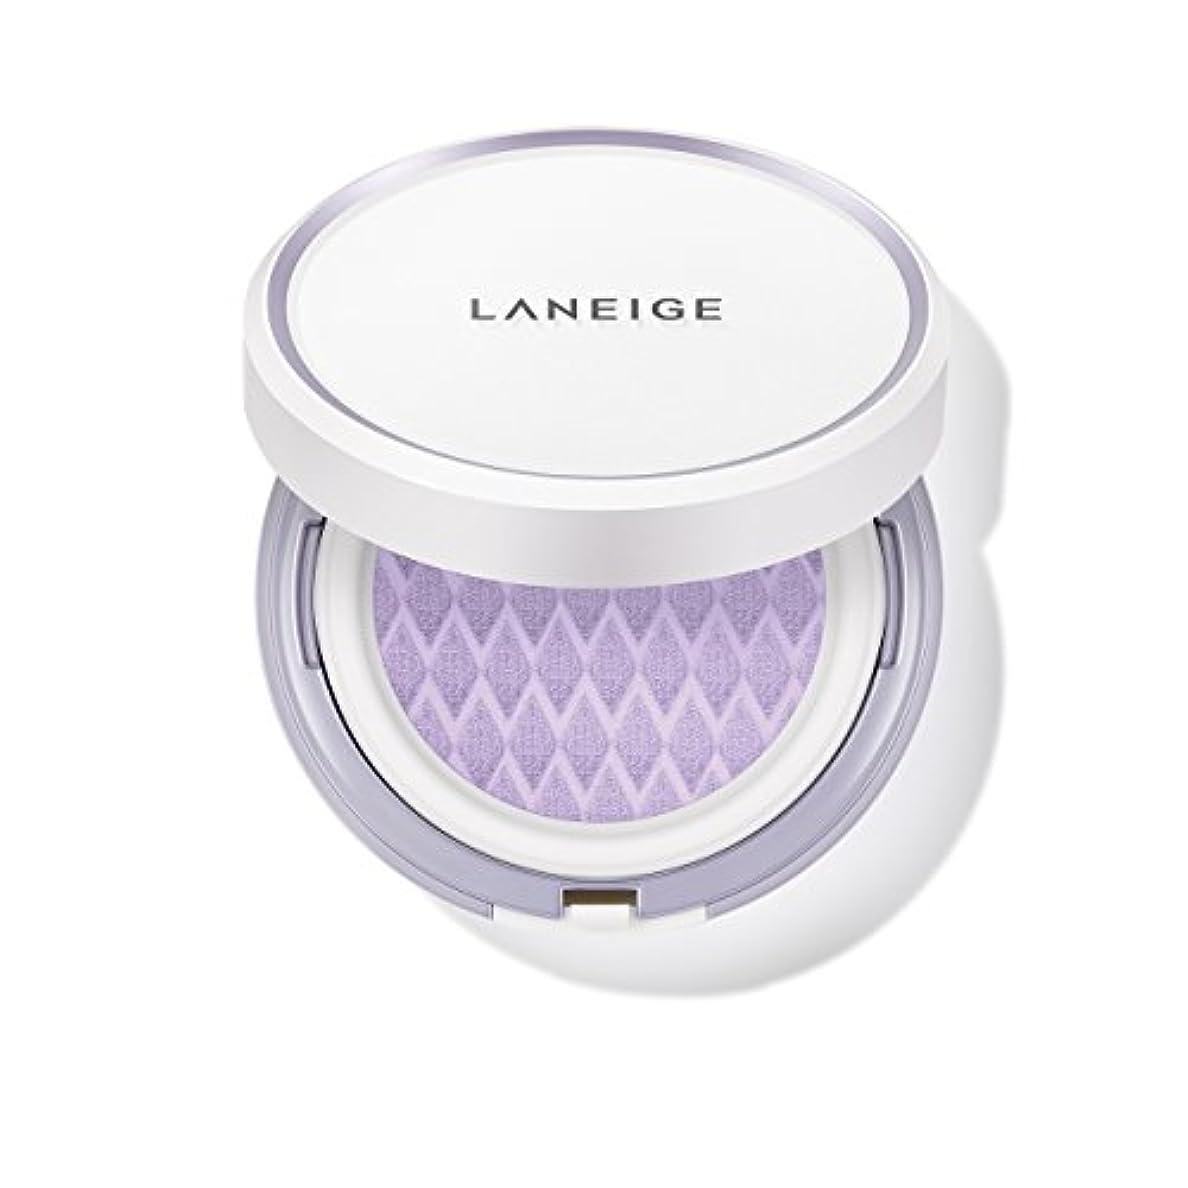 現代マーチャンダイザー納税者ラネージュ[LANEIGE]*AMOREPACIFIC*[新商品]スキンベなベースクッションSPF 22PA++(#40 Light Purple) 15g*2 / LANEIGE Skin Veil Base Cushion...